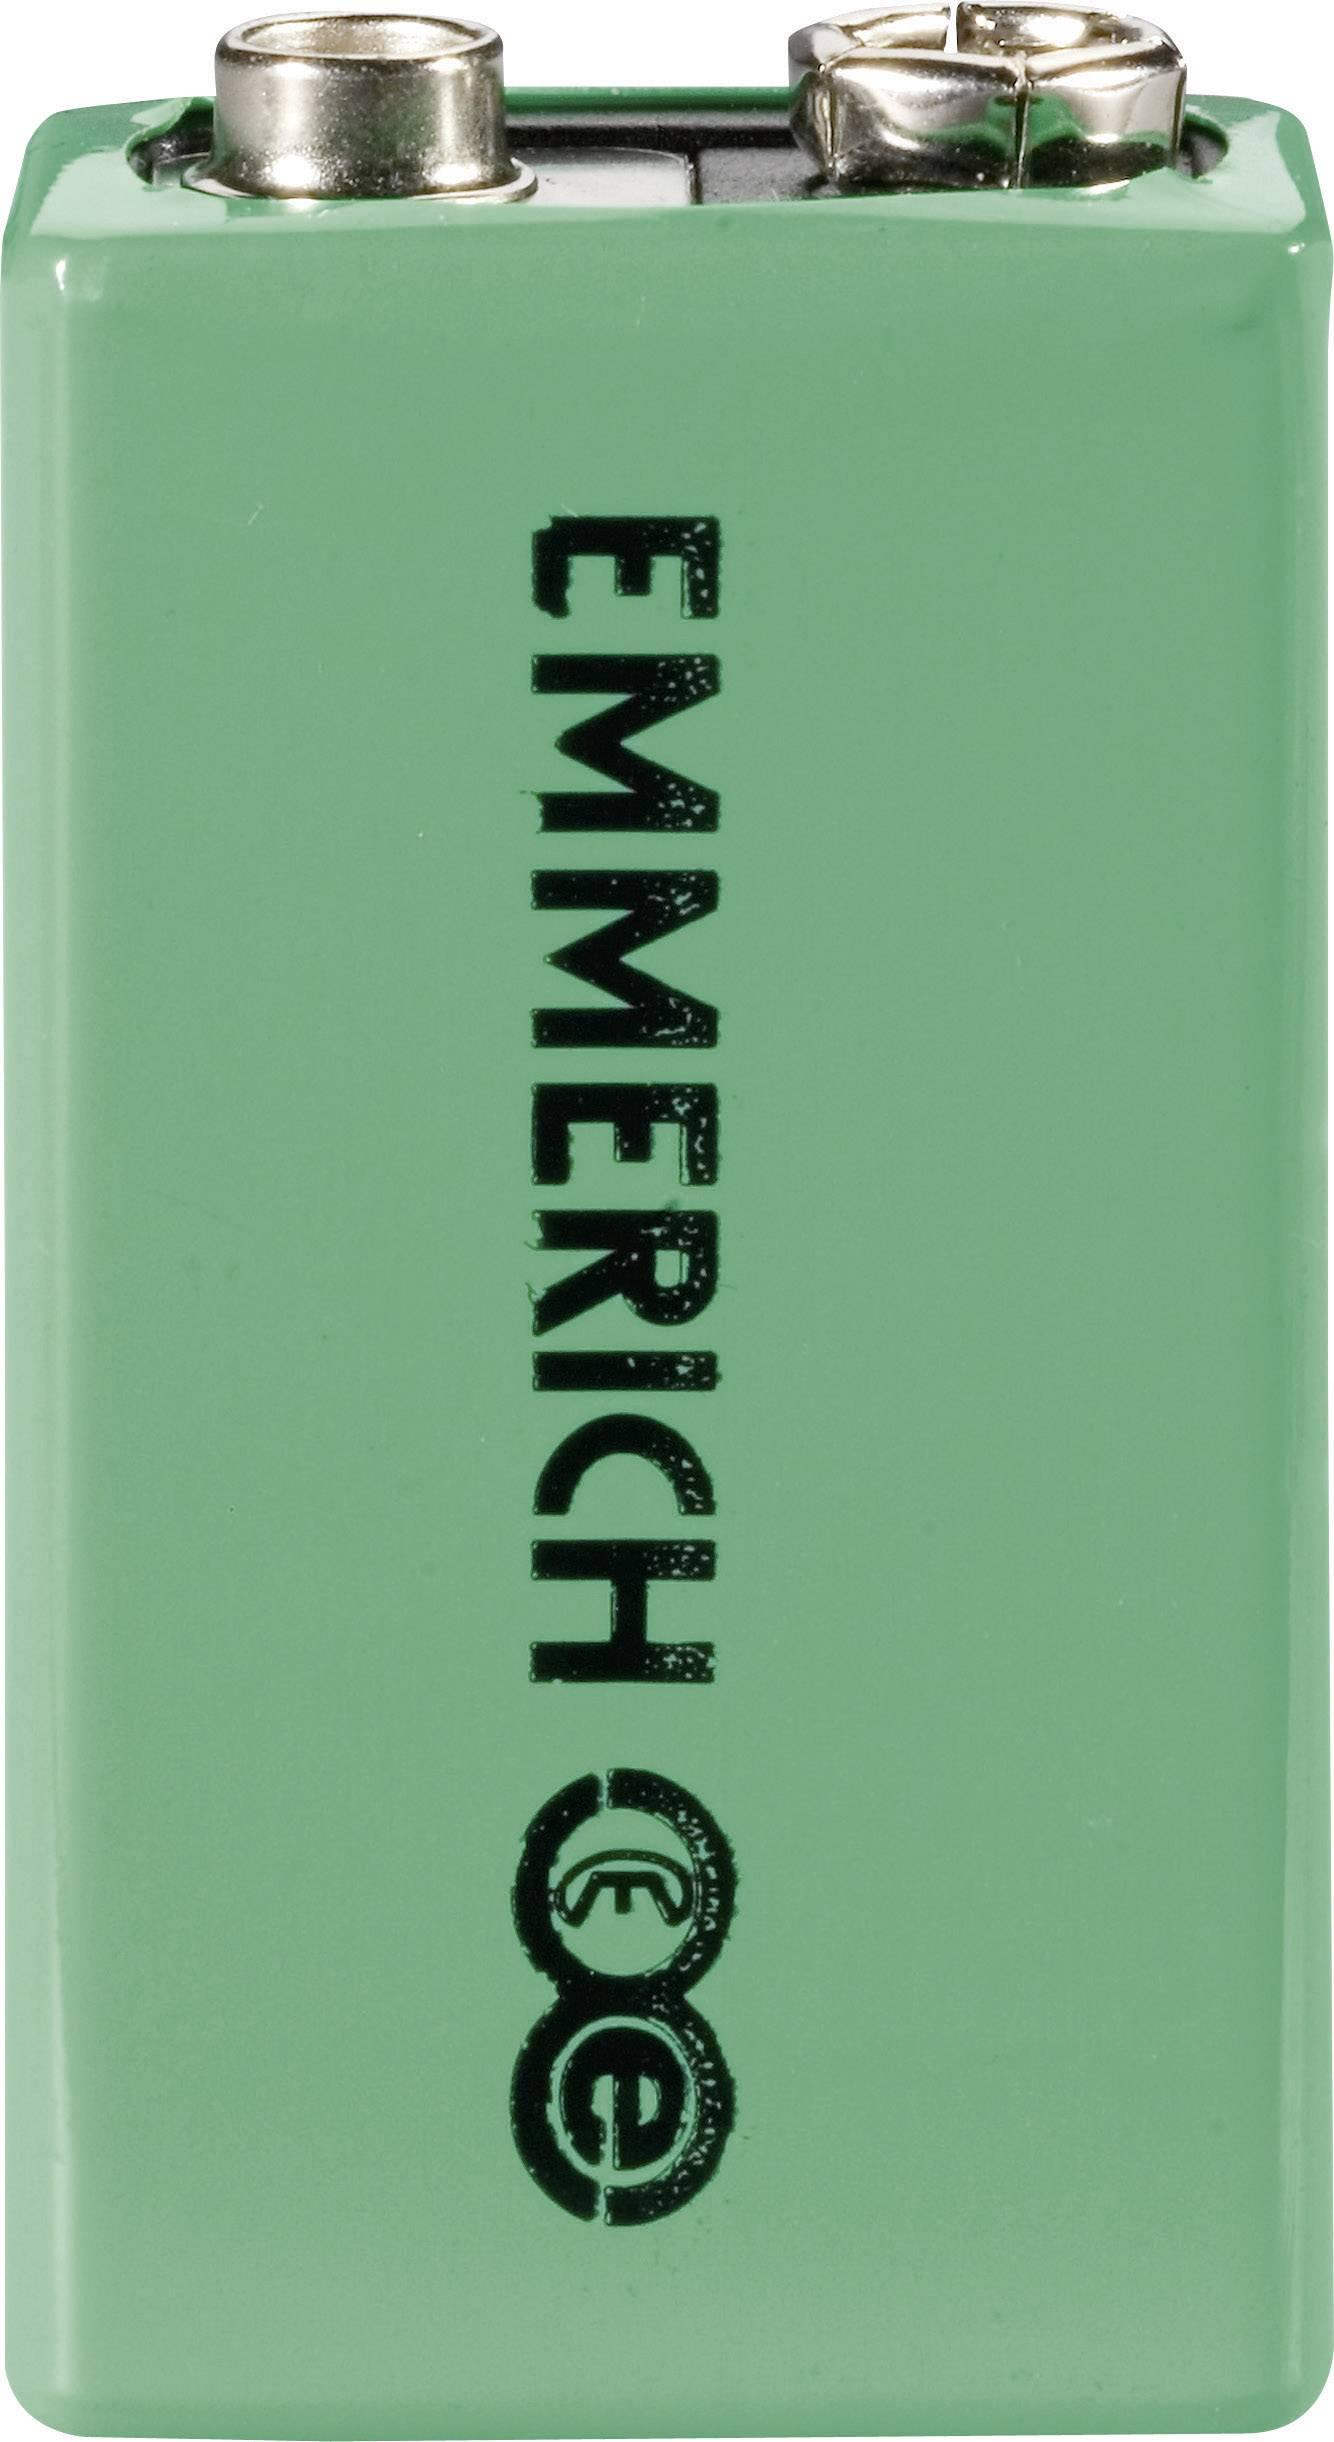 9 V akumulátor NiMH Emmerich 6LR61 255051, 200 mAh, 9.6 V, 1 ks